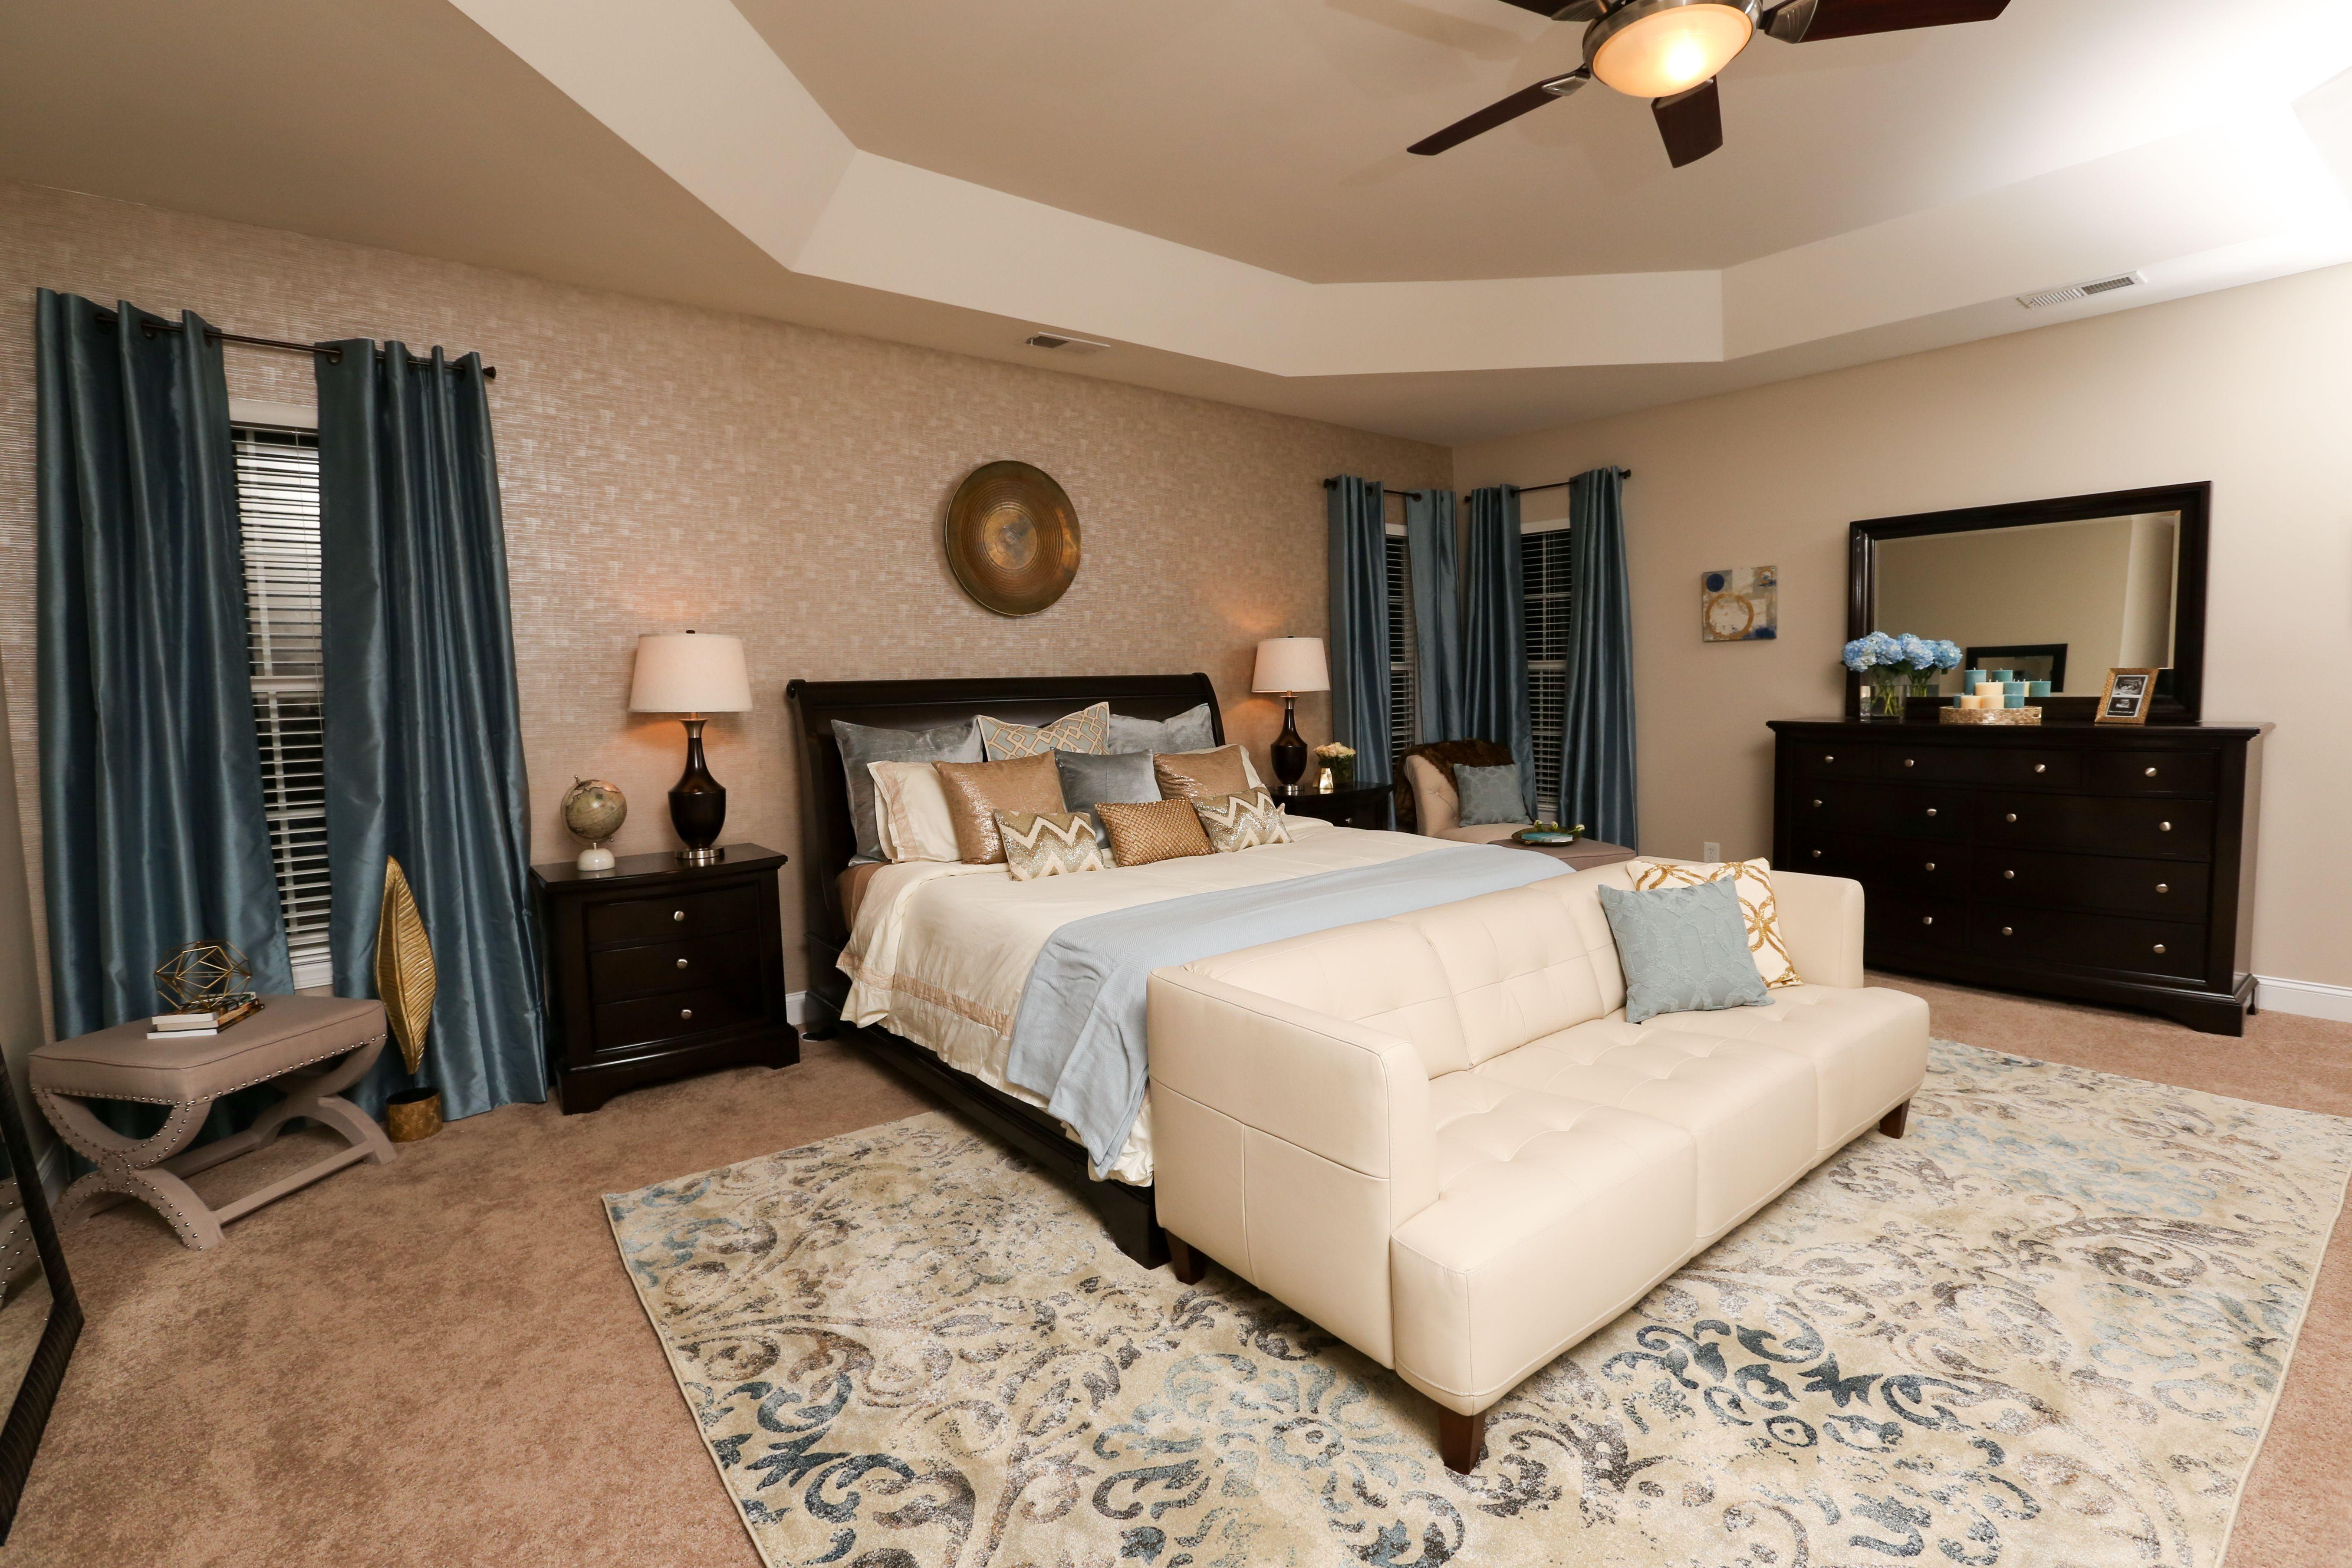 Master bedroom designed in blues, tans, beiges to invoke ...